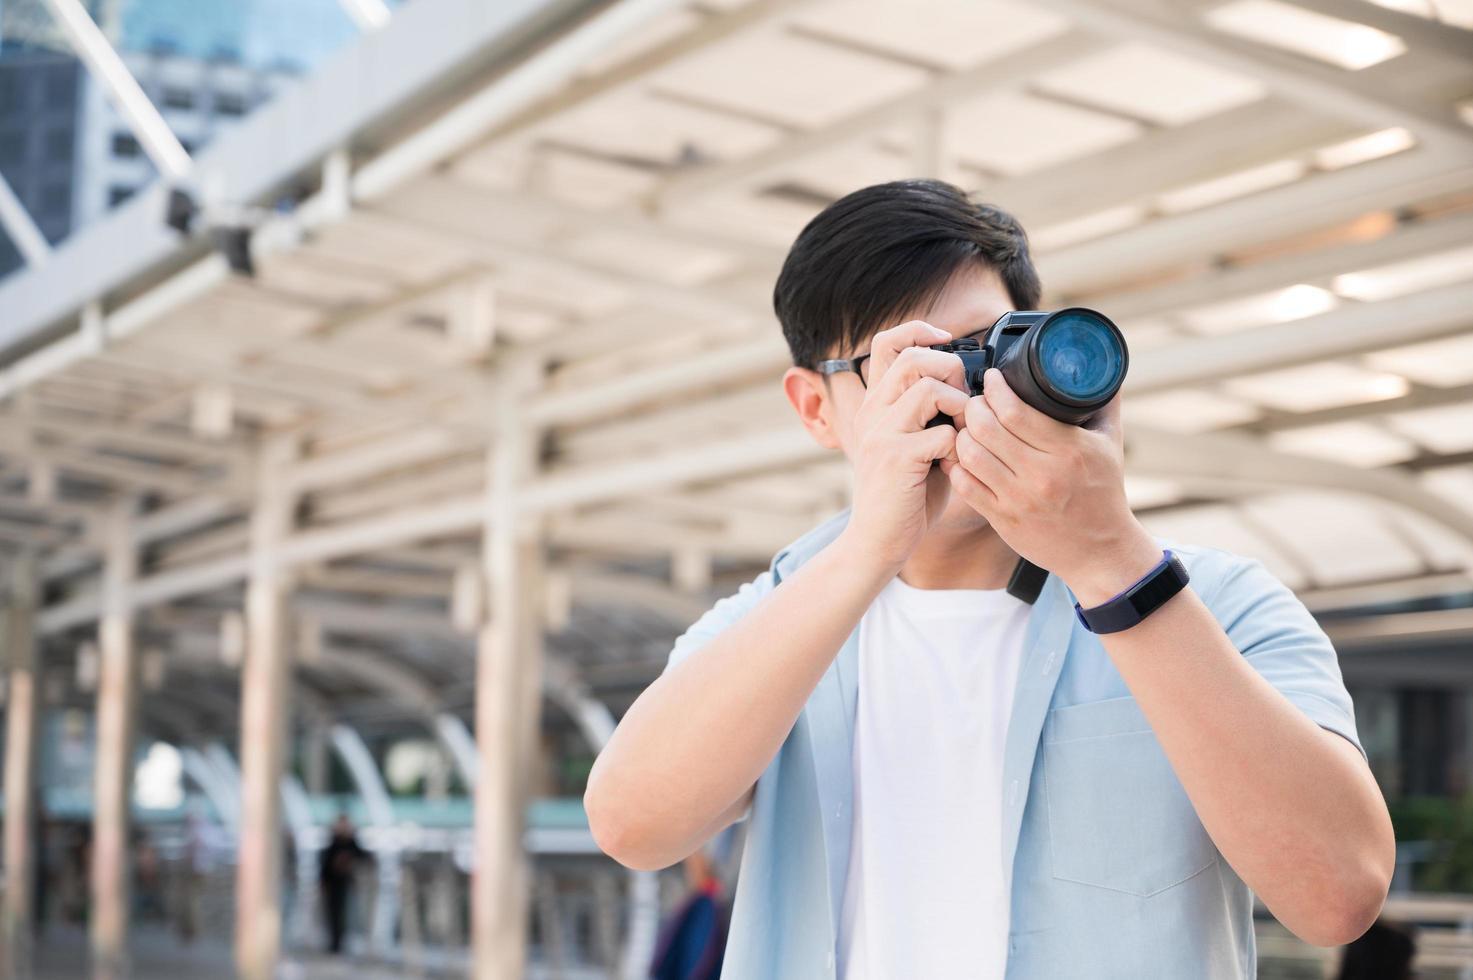 les touristes asiatiques sont debout, prenant des photos avec un touriste